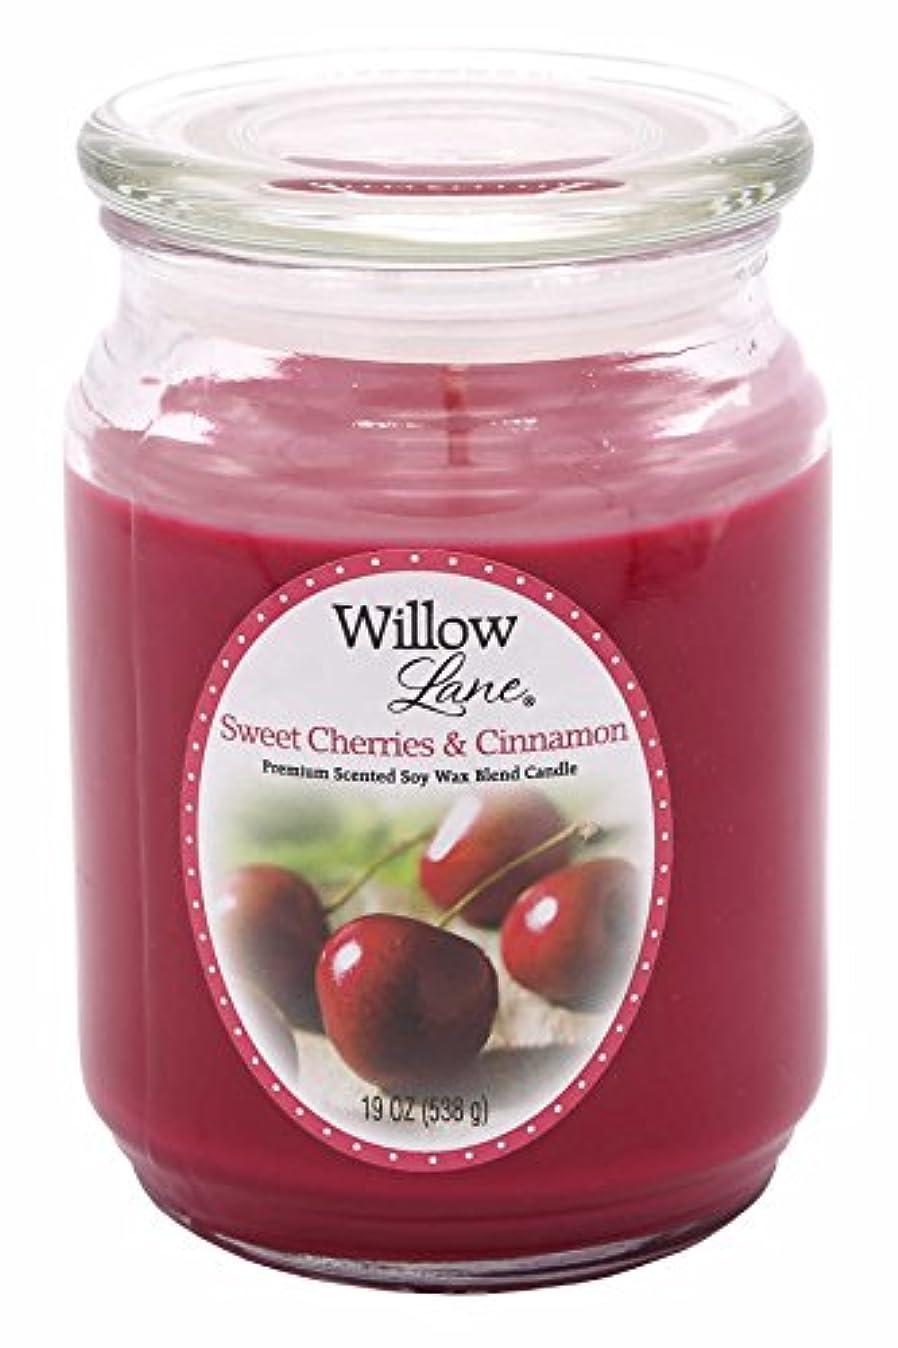 策定する旅重さCandle Lite 1646991 Scented Candle、Sweet Cherries &シナモン、19-oz。 19 oz レッド 1646991